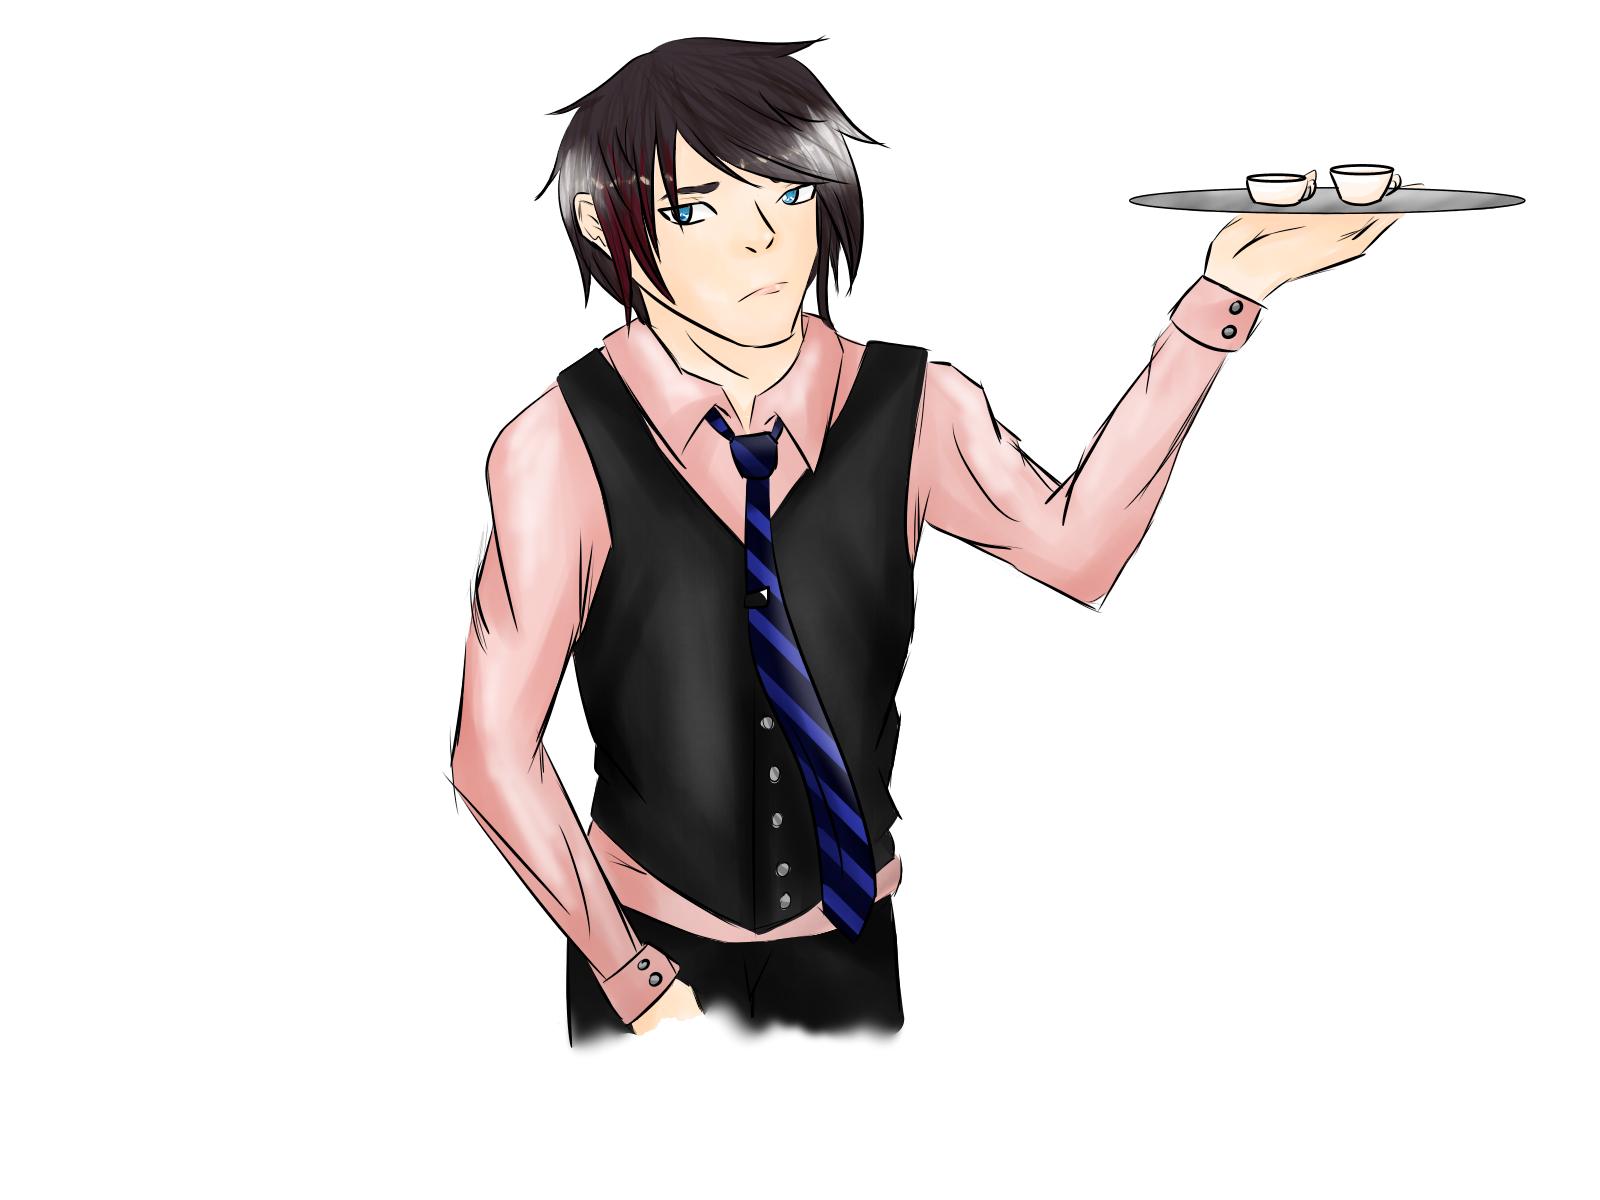 waiter guy